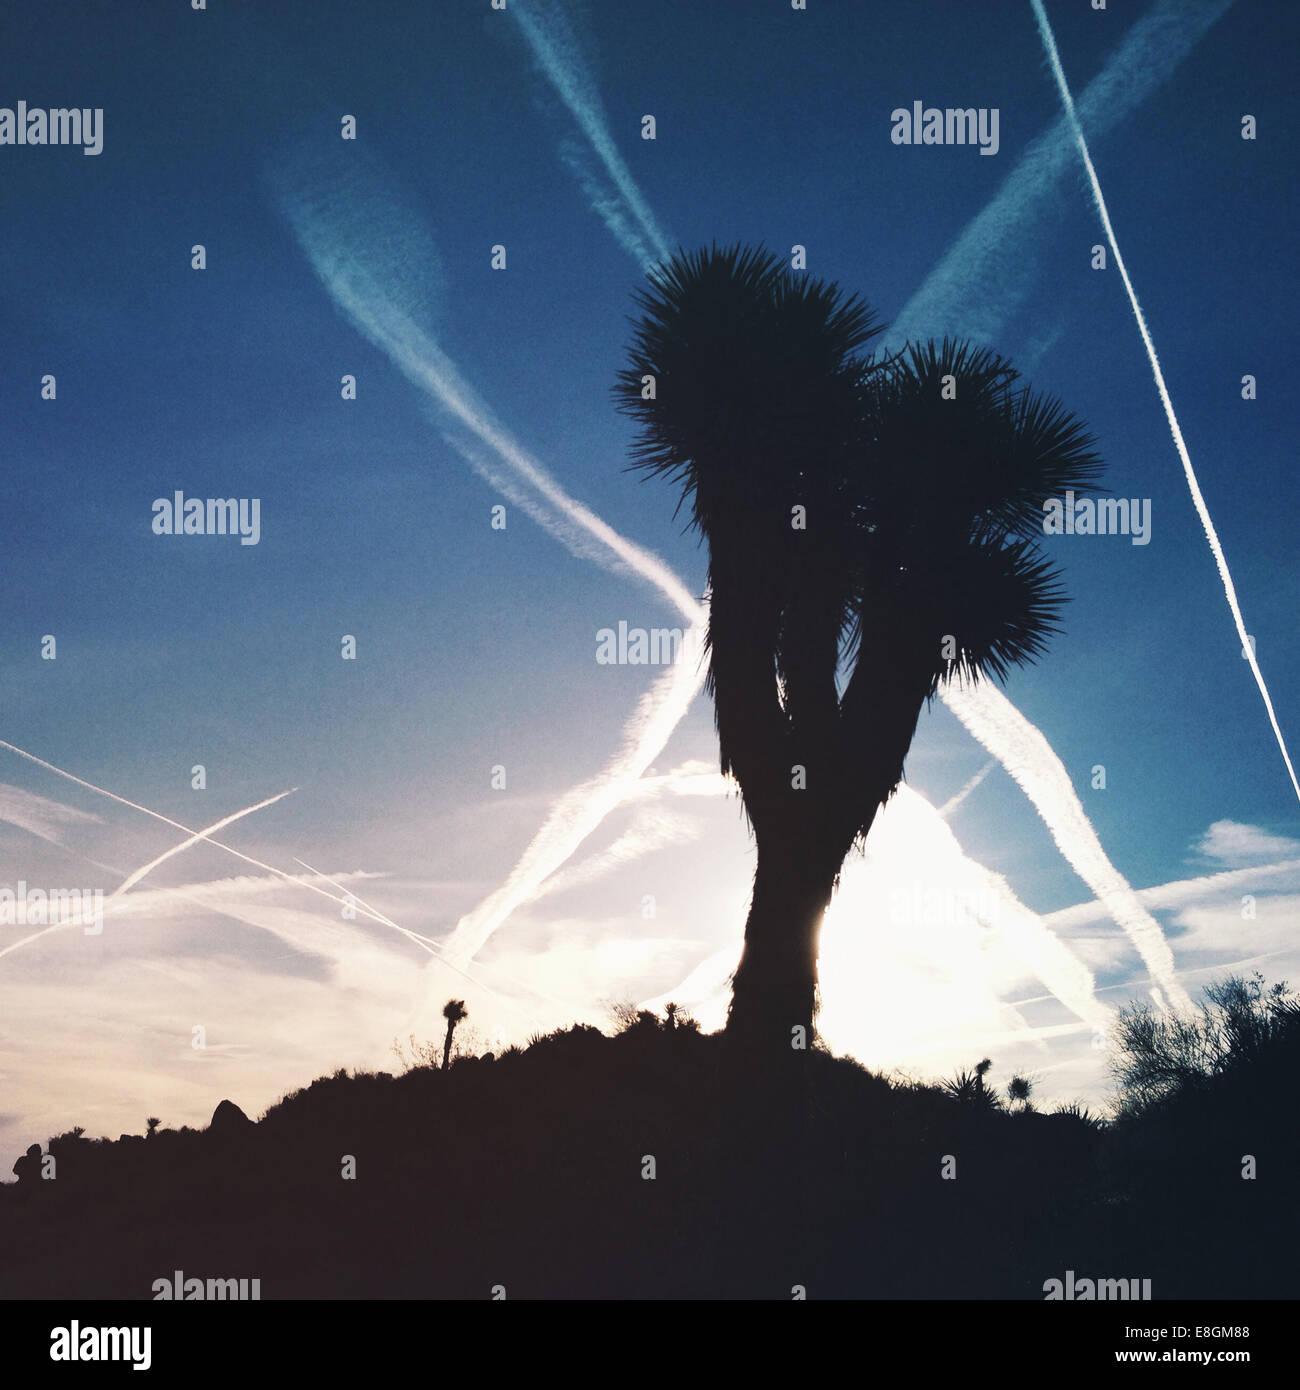 Silueta de Joshua Tree, el Parque Nacional Joshua Tree National Park, California, Estados Unidos, EE.UU. Imagen De Stock